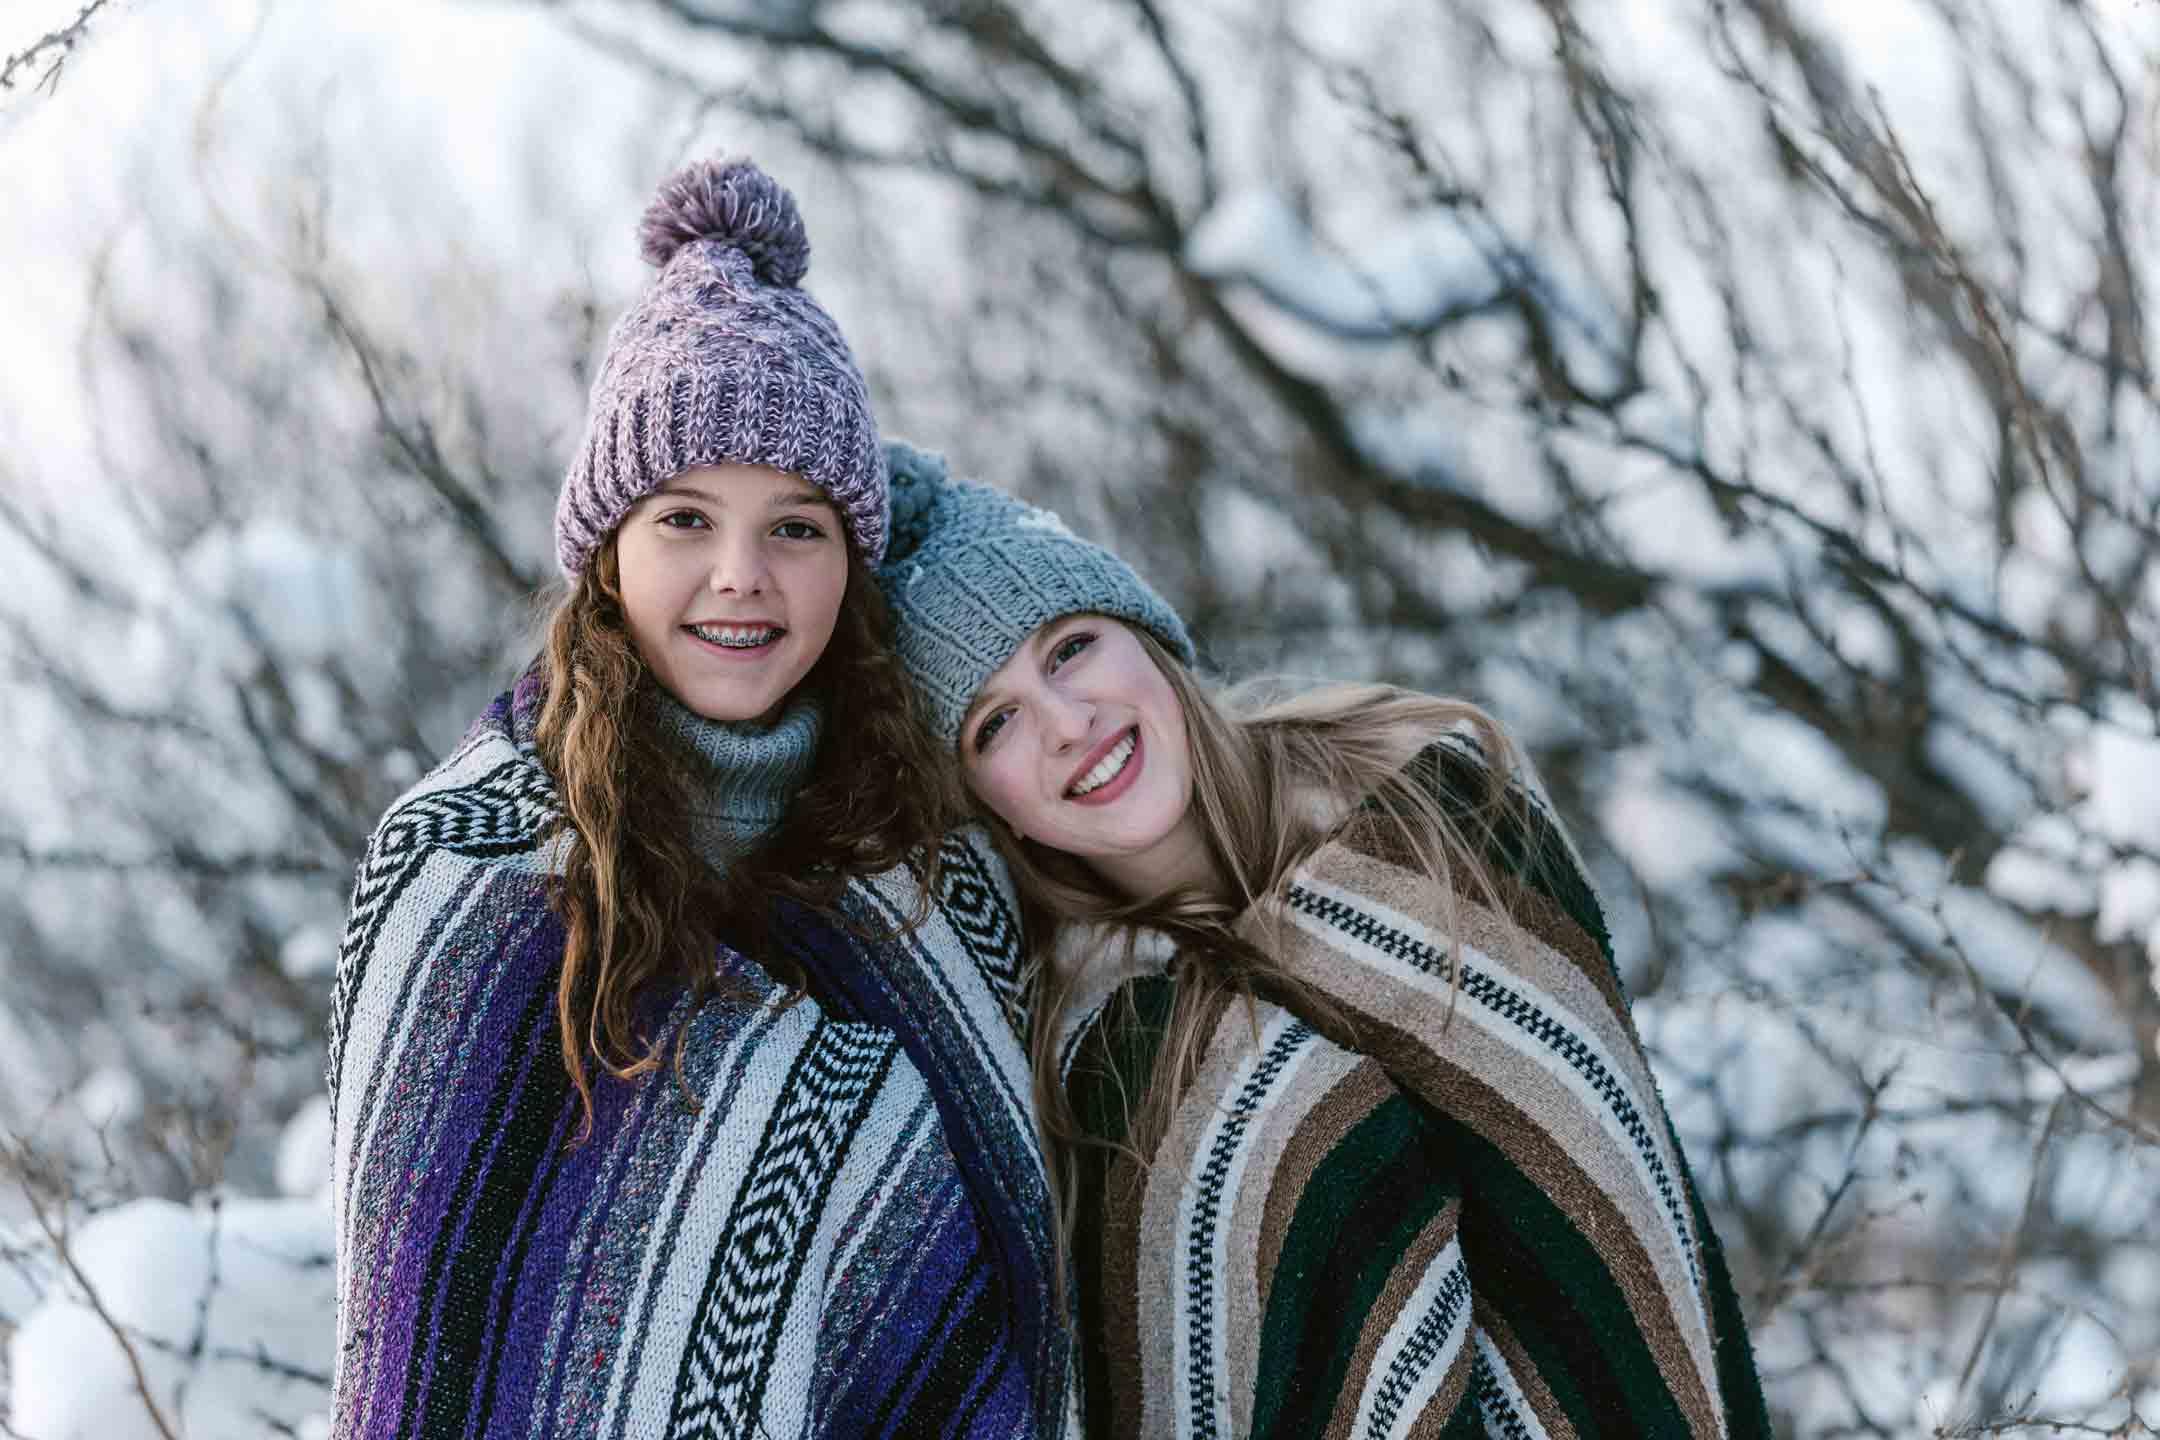 انتخاب کلاه زمستانی مناسب برای فصول سرد سال